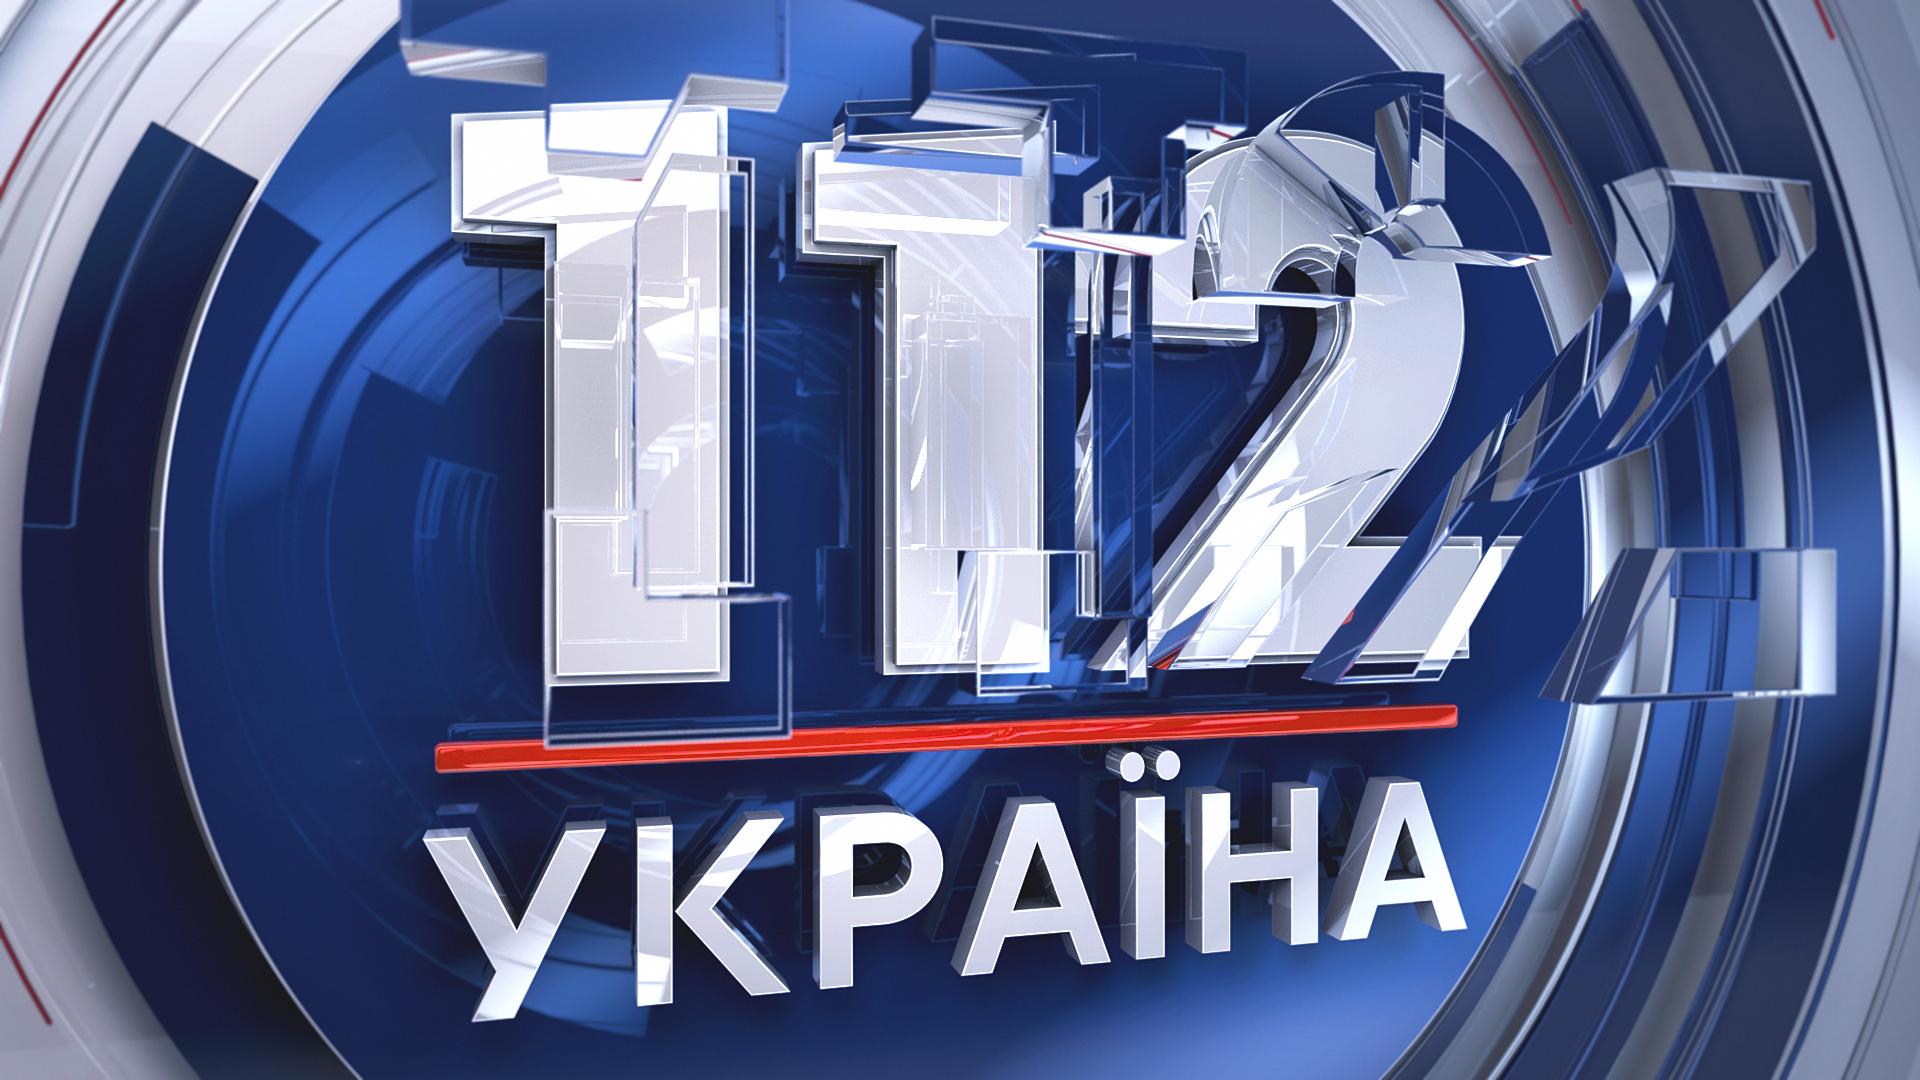 Онищенко объявил, что Порошенко просил приобрести для него канал